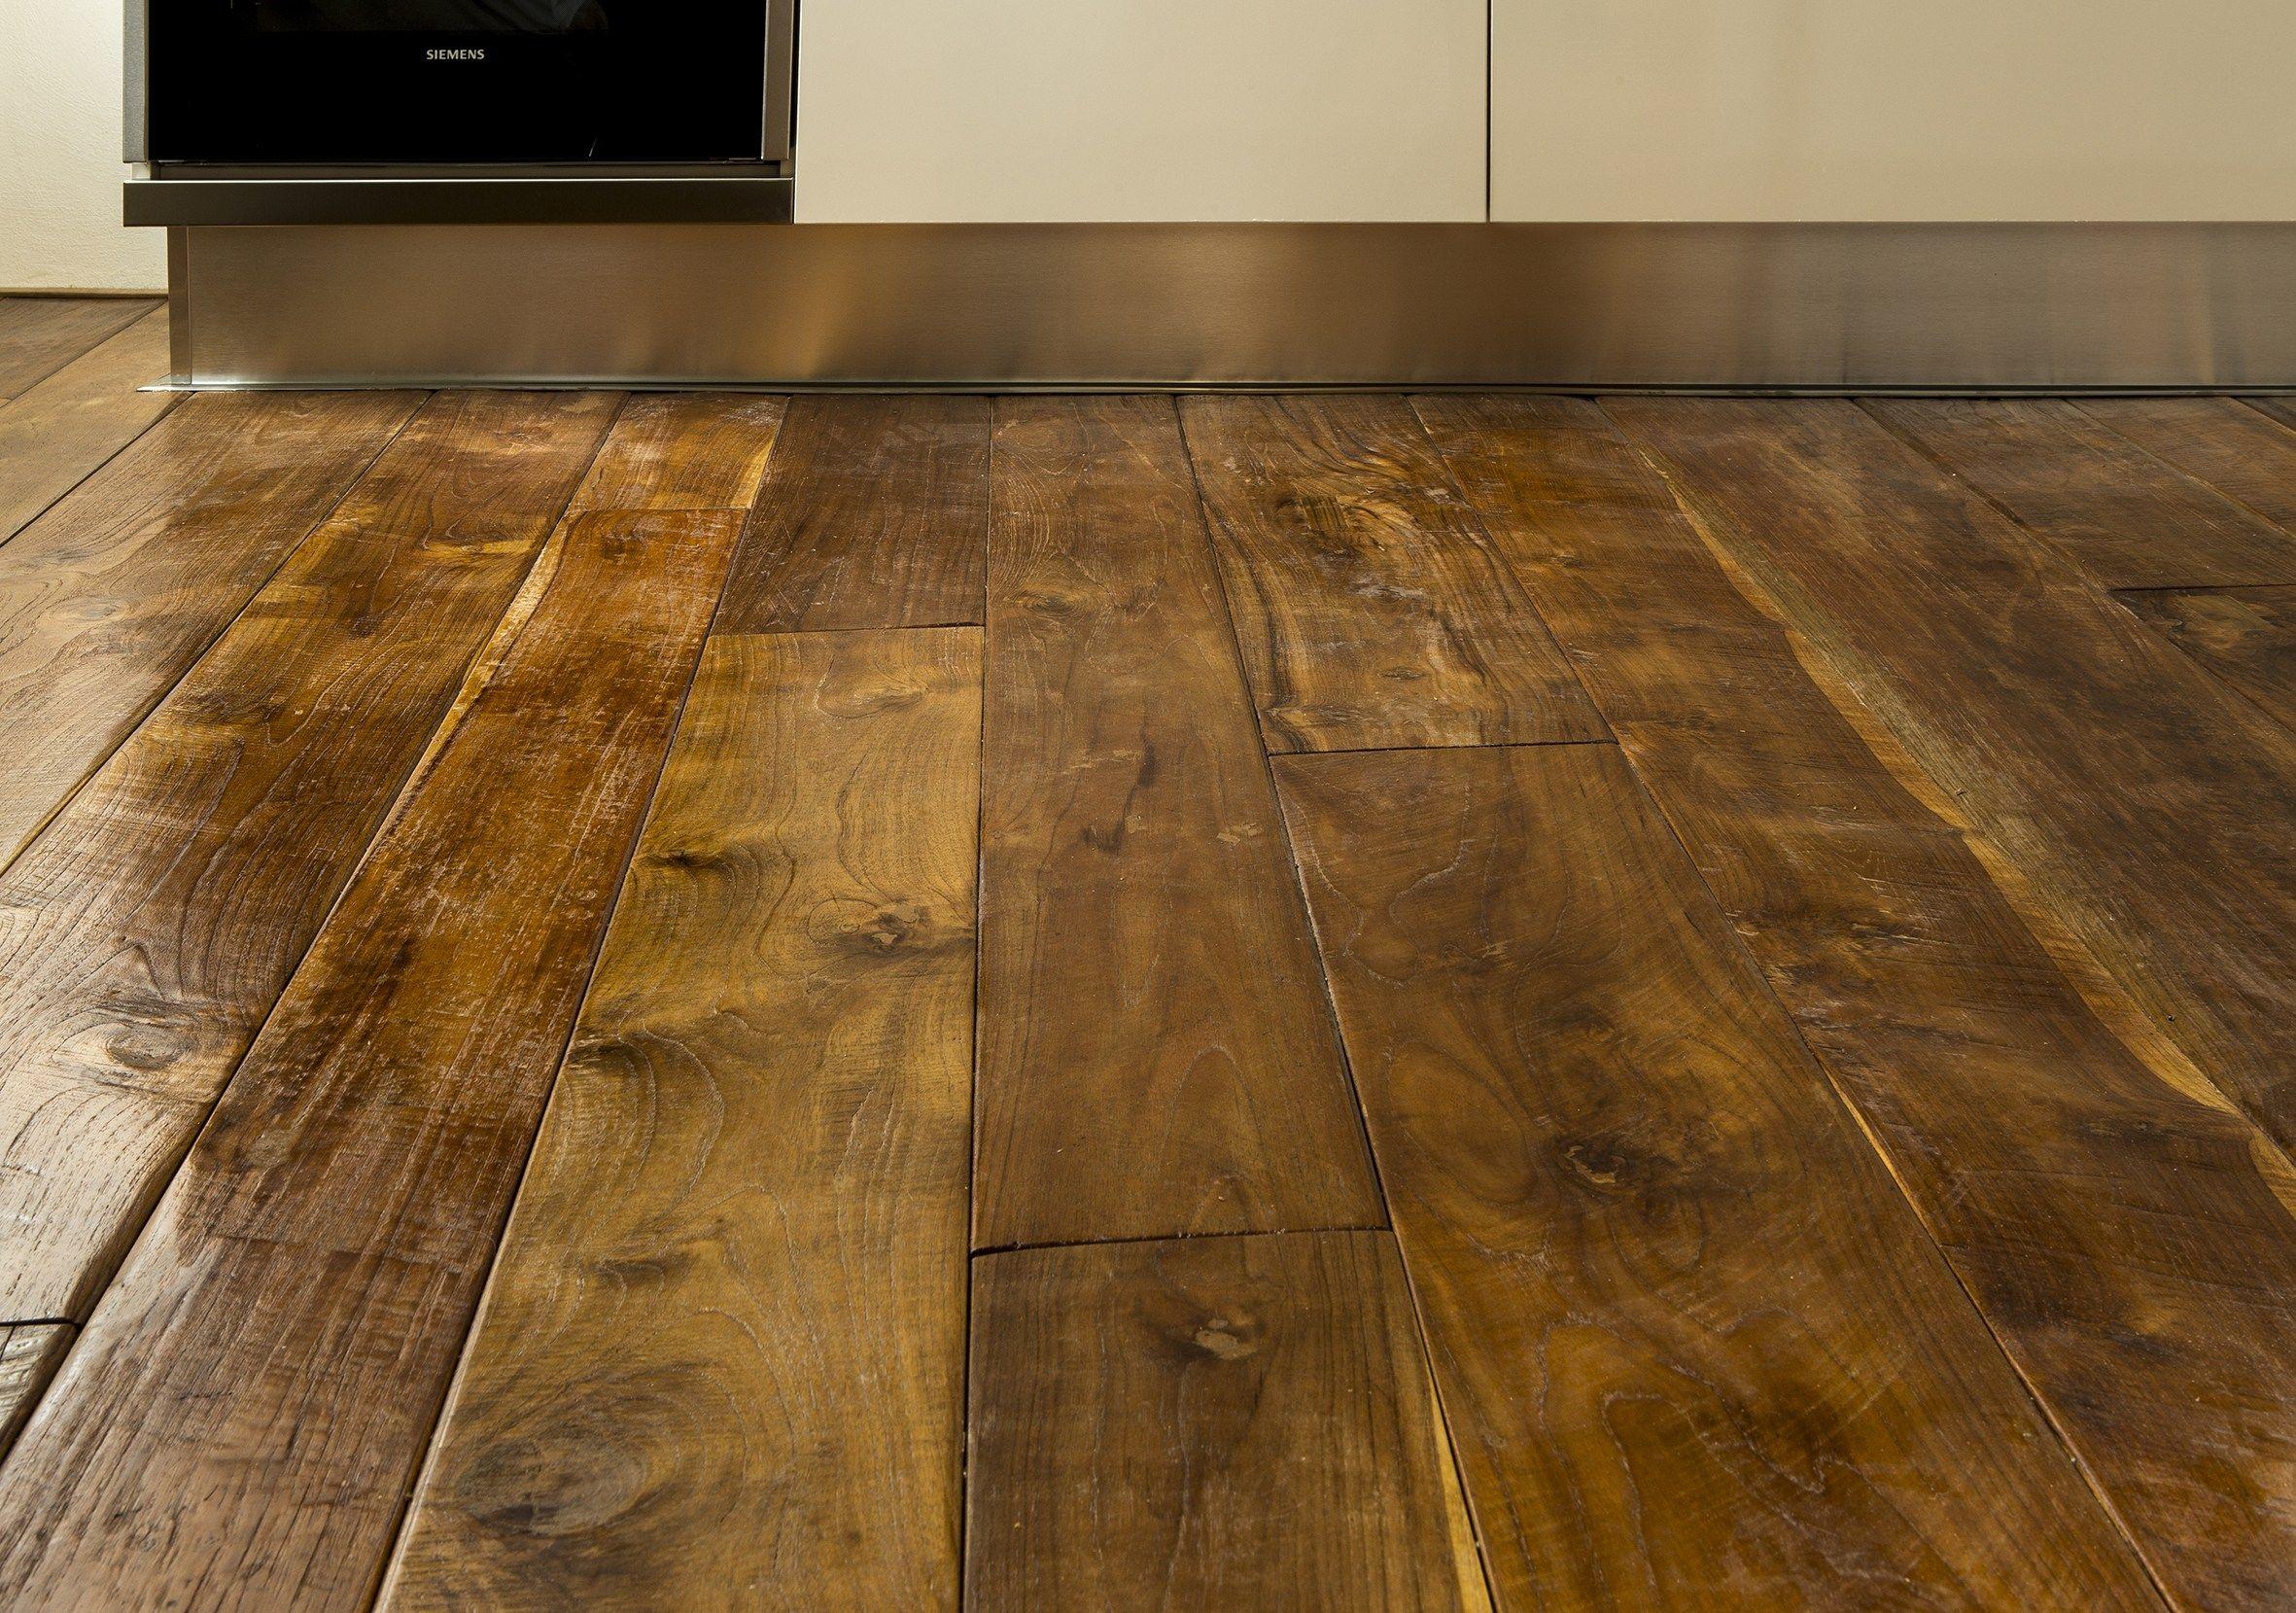 Teak wood floor tiles